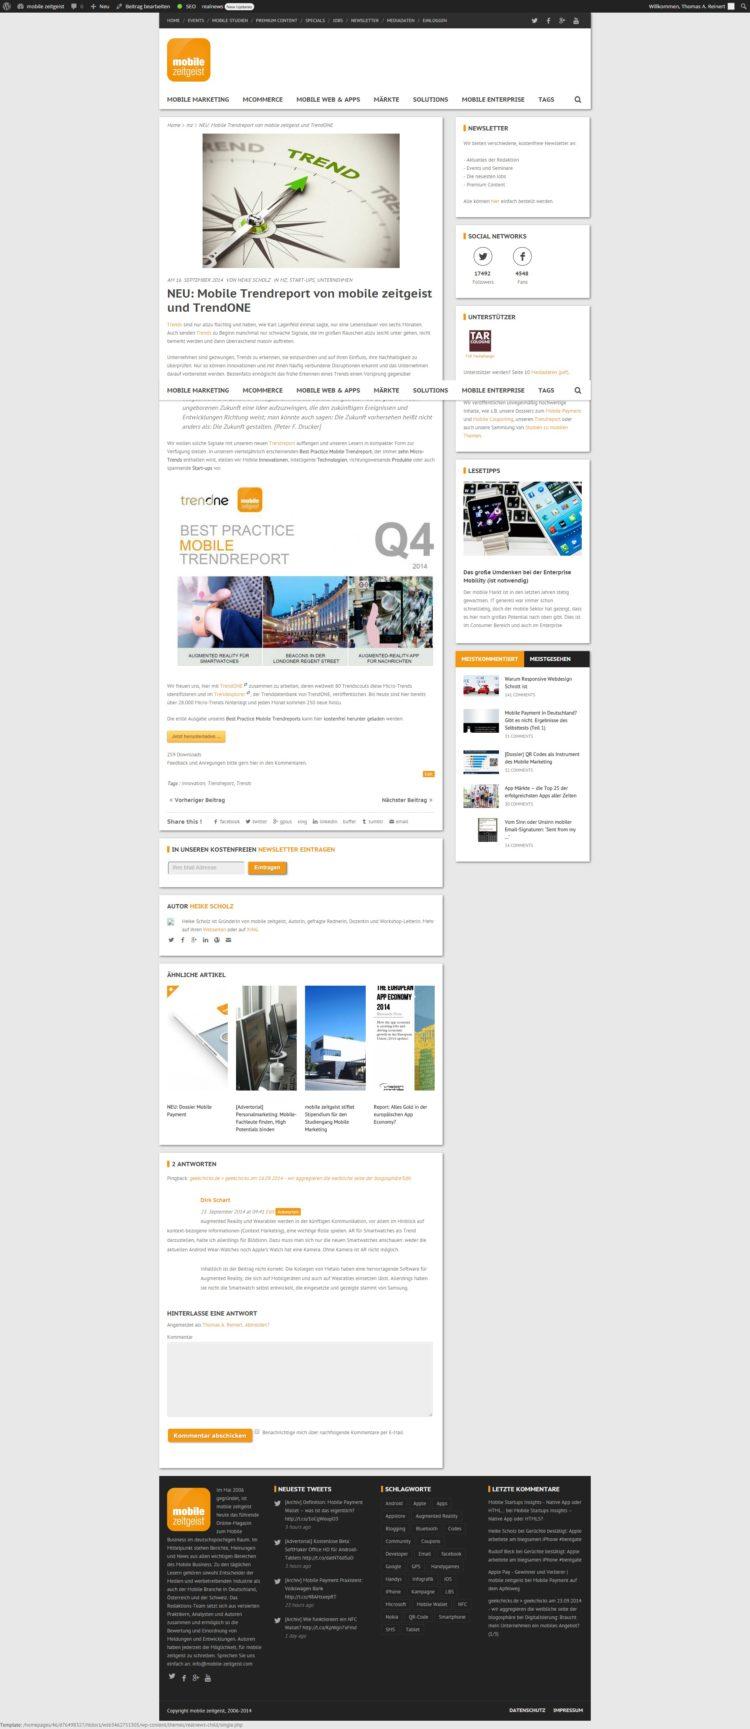 Mobile-Zeitgeist.com Startseite